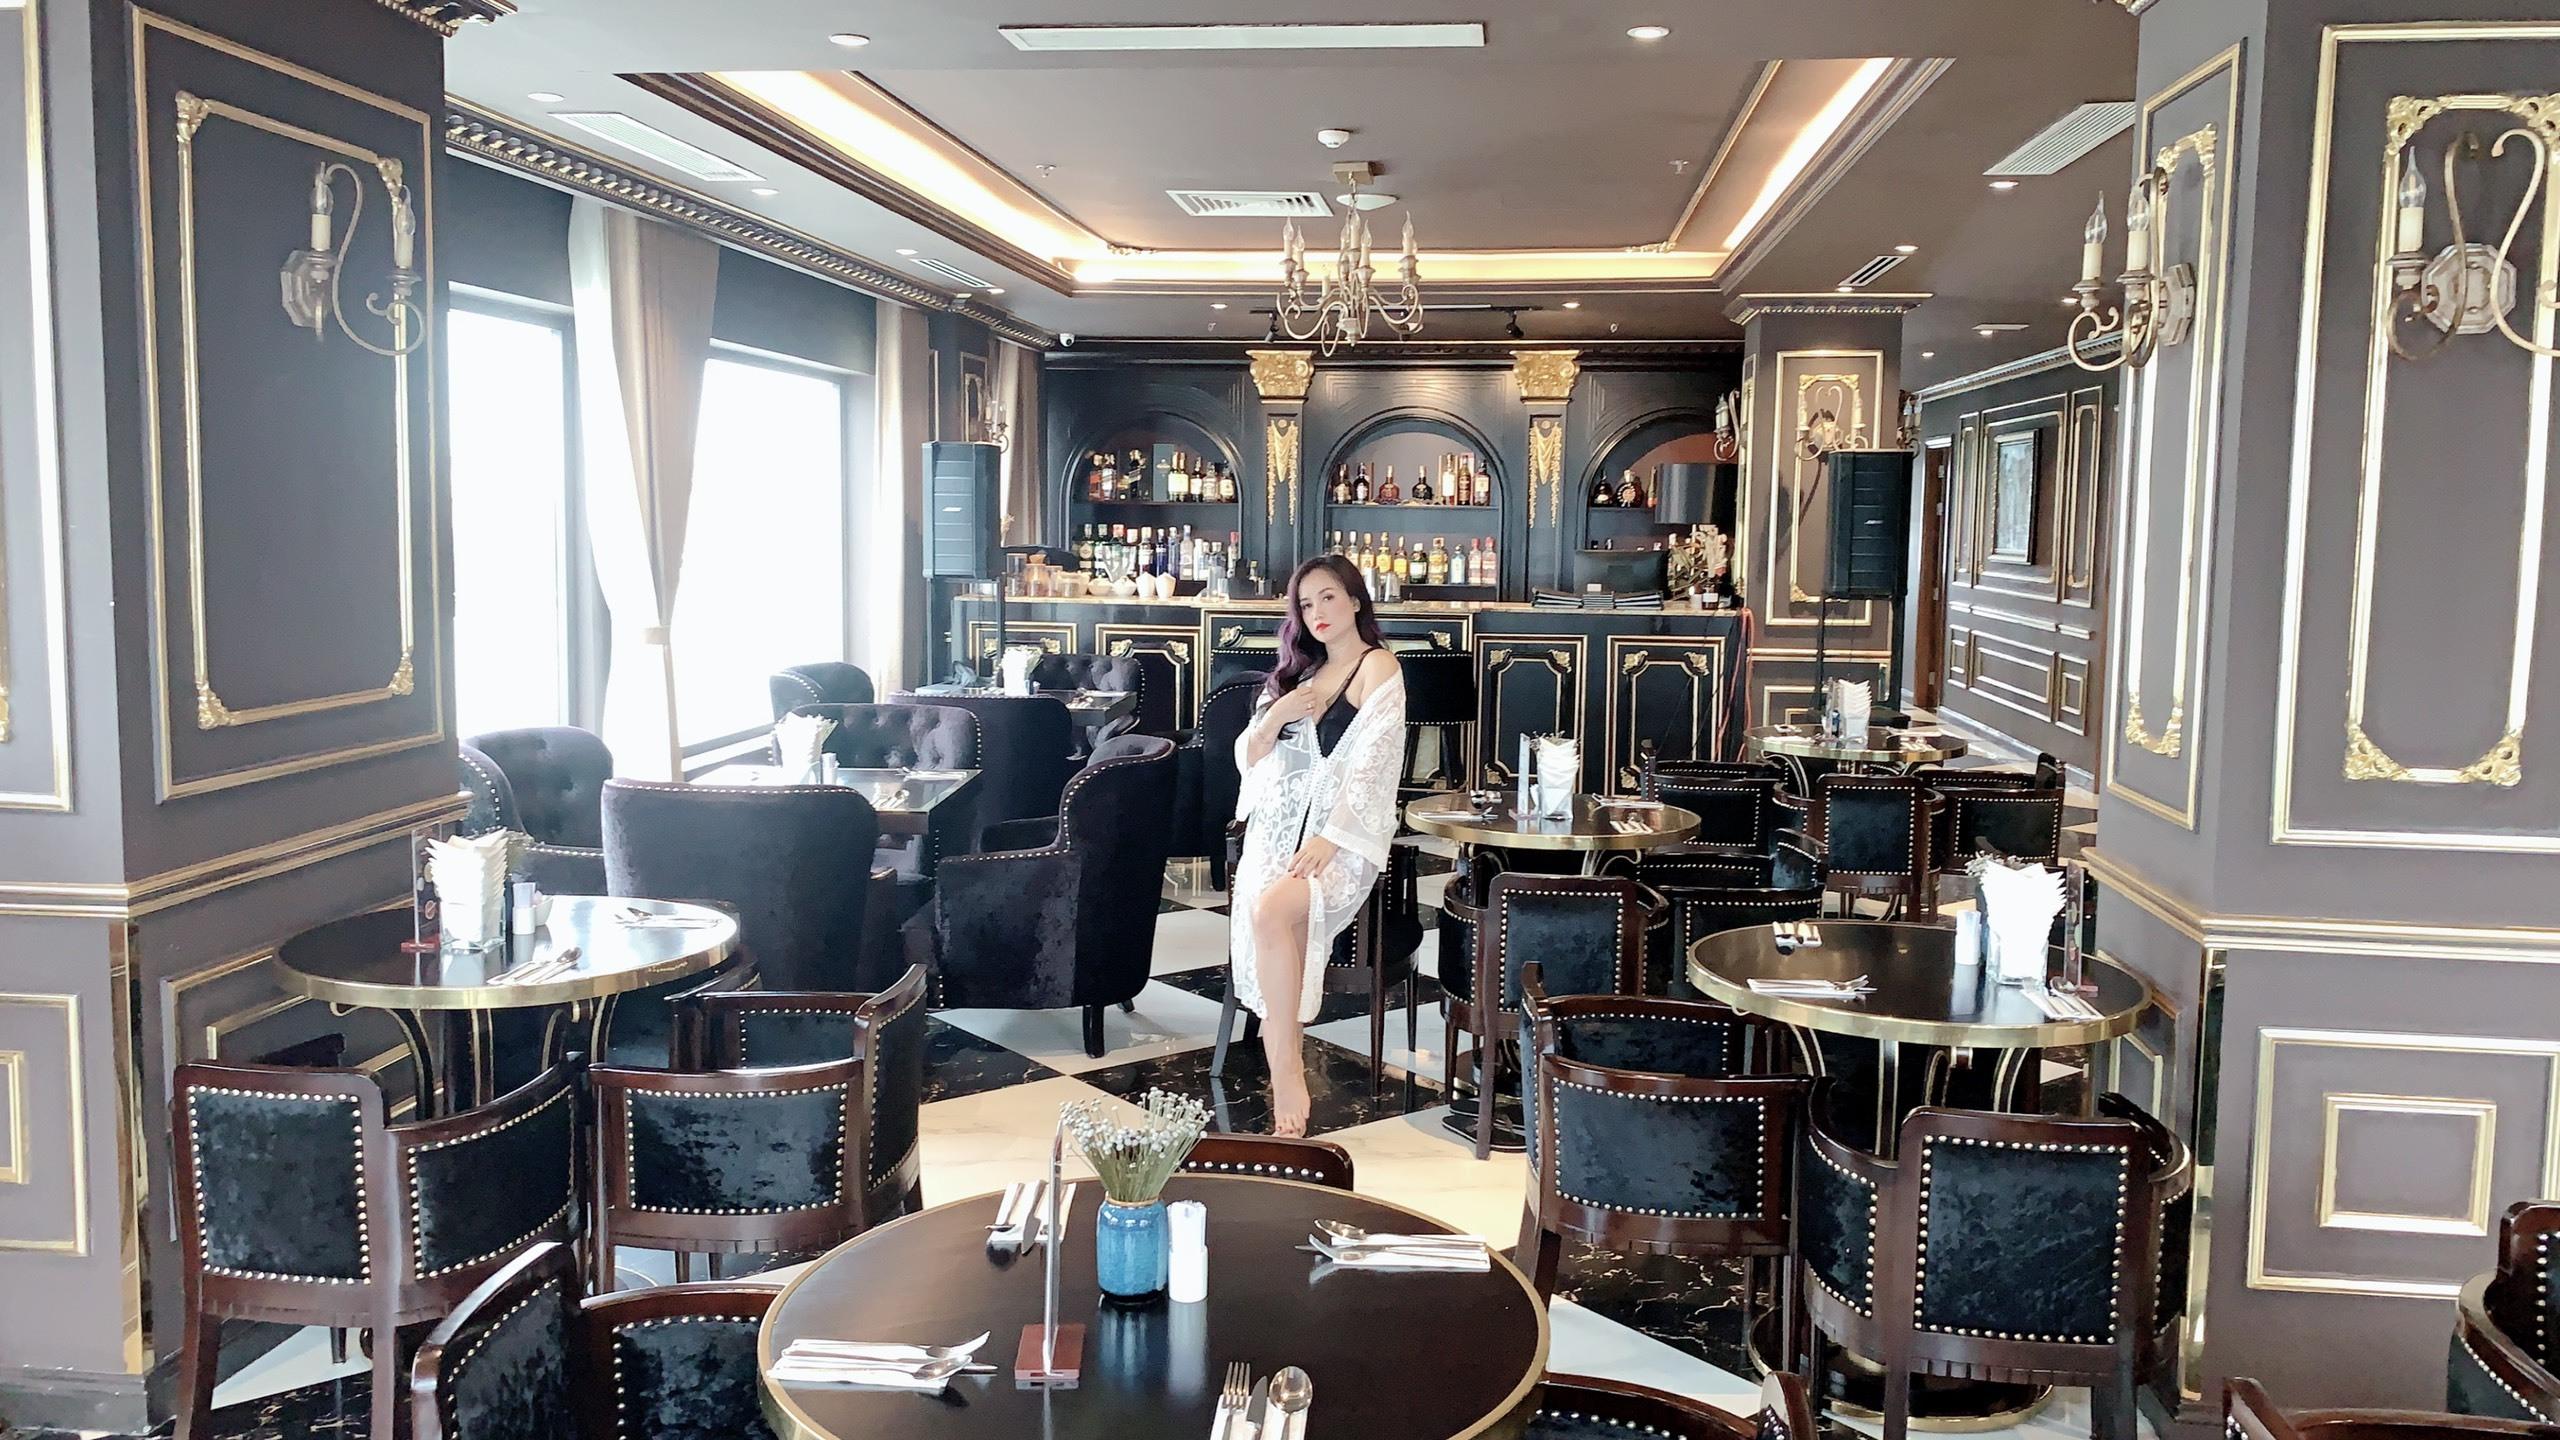 Sau vai cô Xuyến trong Về nhà đi con, Hoàng Yến càng được khán giả đón nhận cho tới tận bây giờ, nữ diễn viên chia sẻ, ra đường, người ta hâm mộ đã quên tên thật của chị.